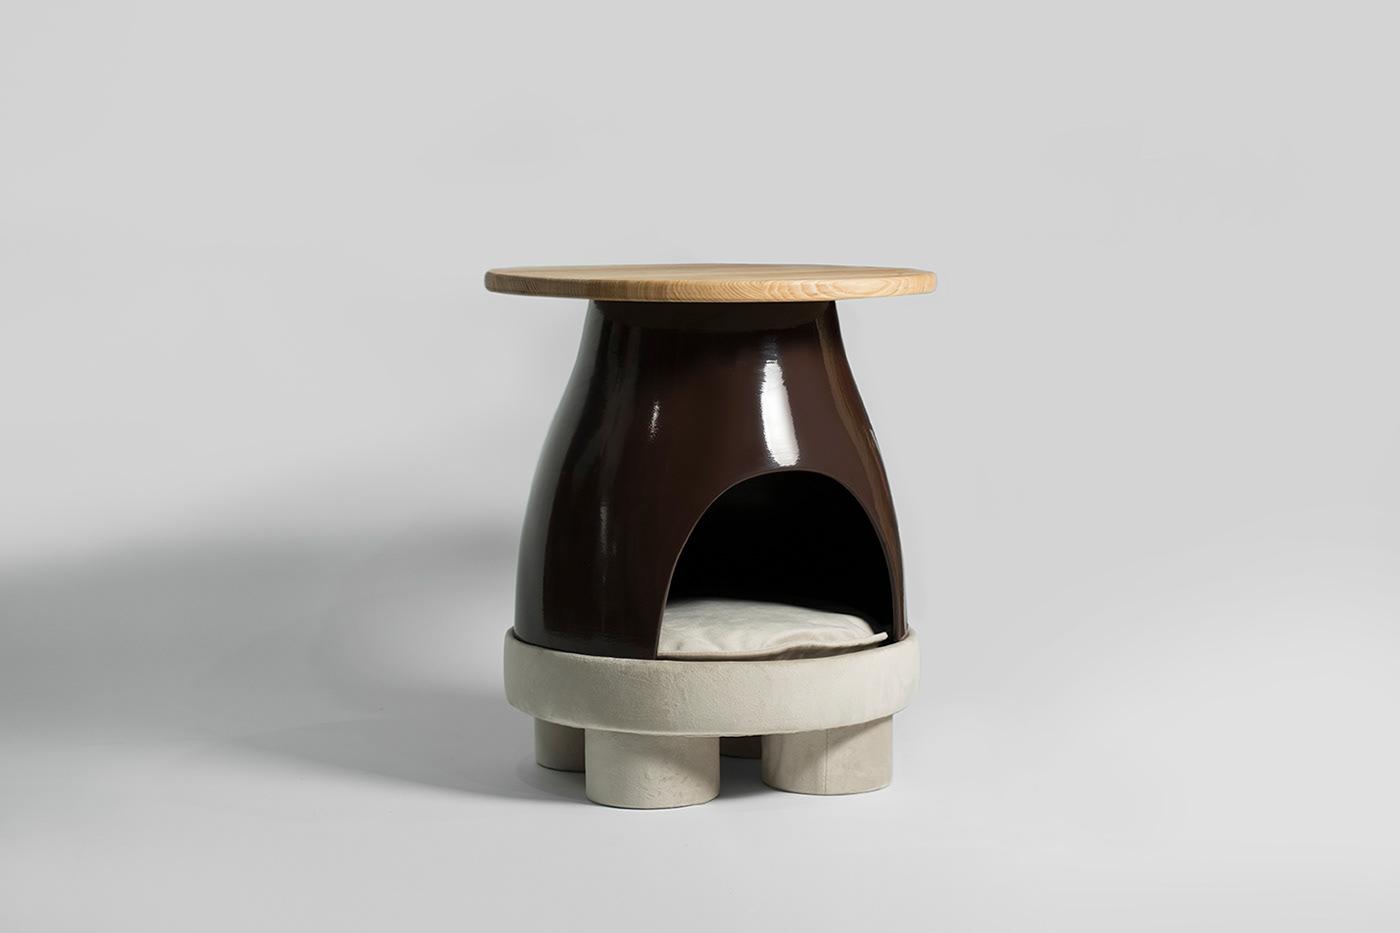 ceramic design ceramica ceramics  furniture furnituredesign home decor KononenkoID miu Pet pets